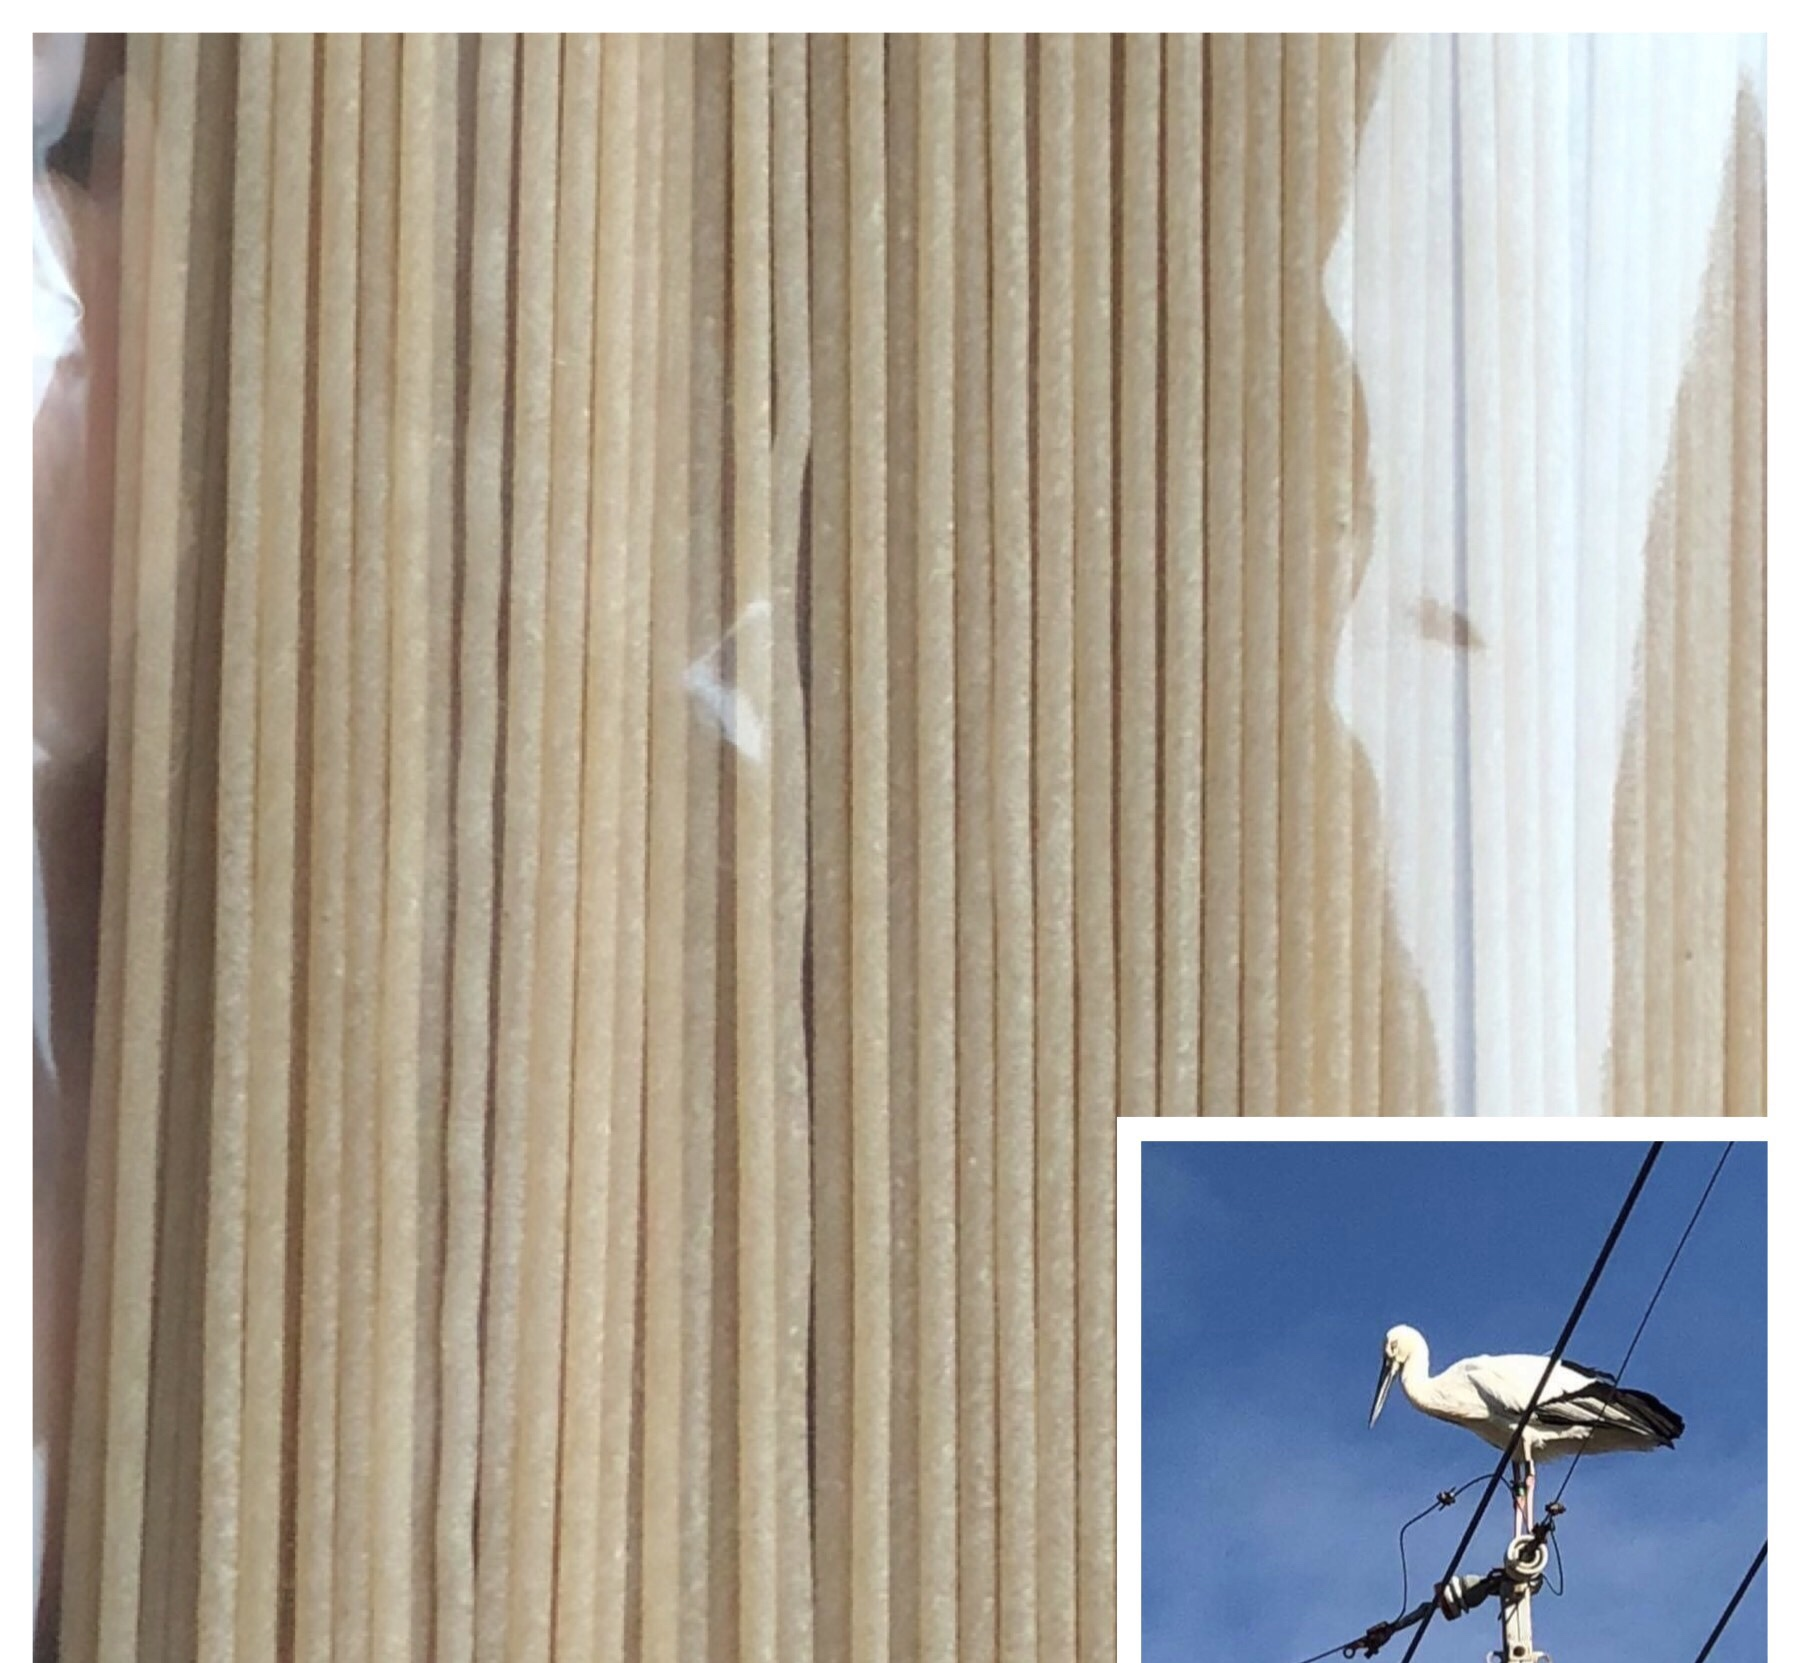 コウノトリが来る畑の古代小麦で作った世界一のパスタ(3ぶつき)画像